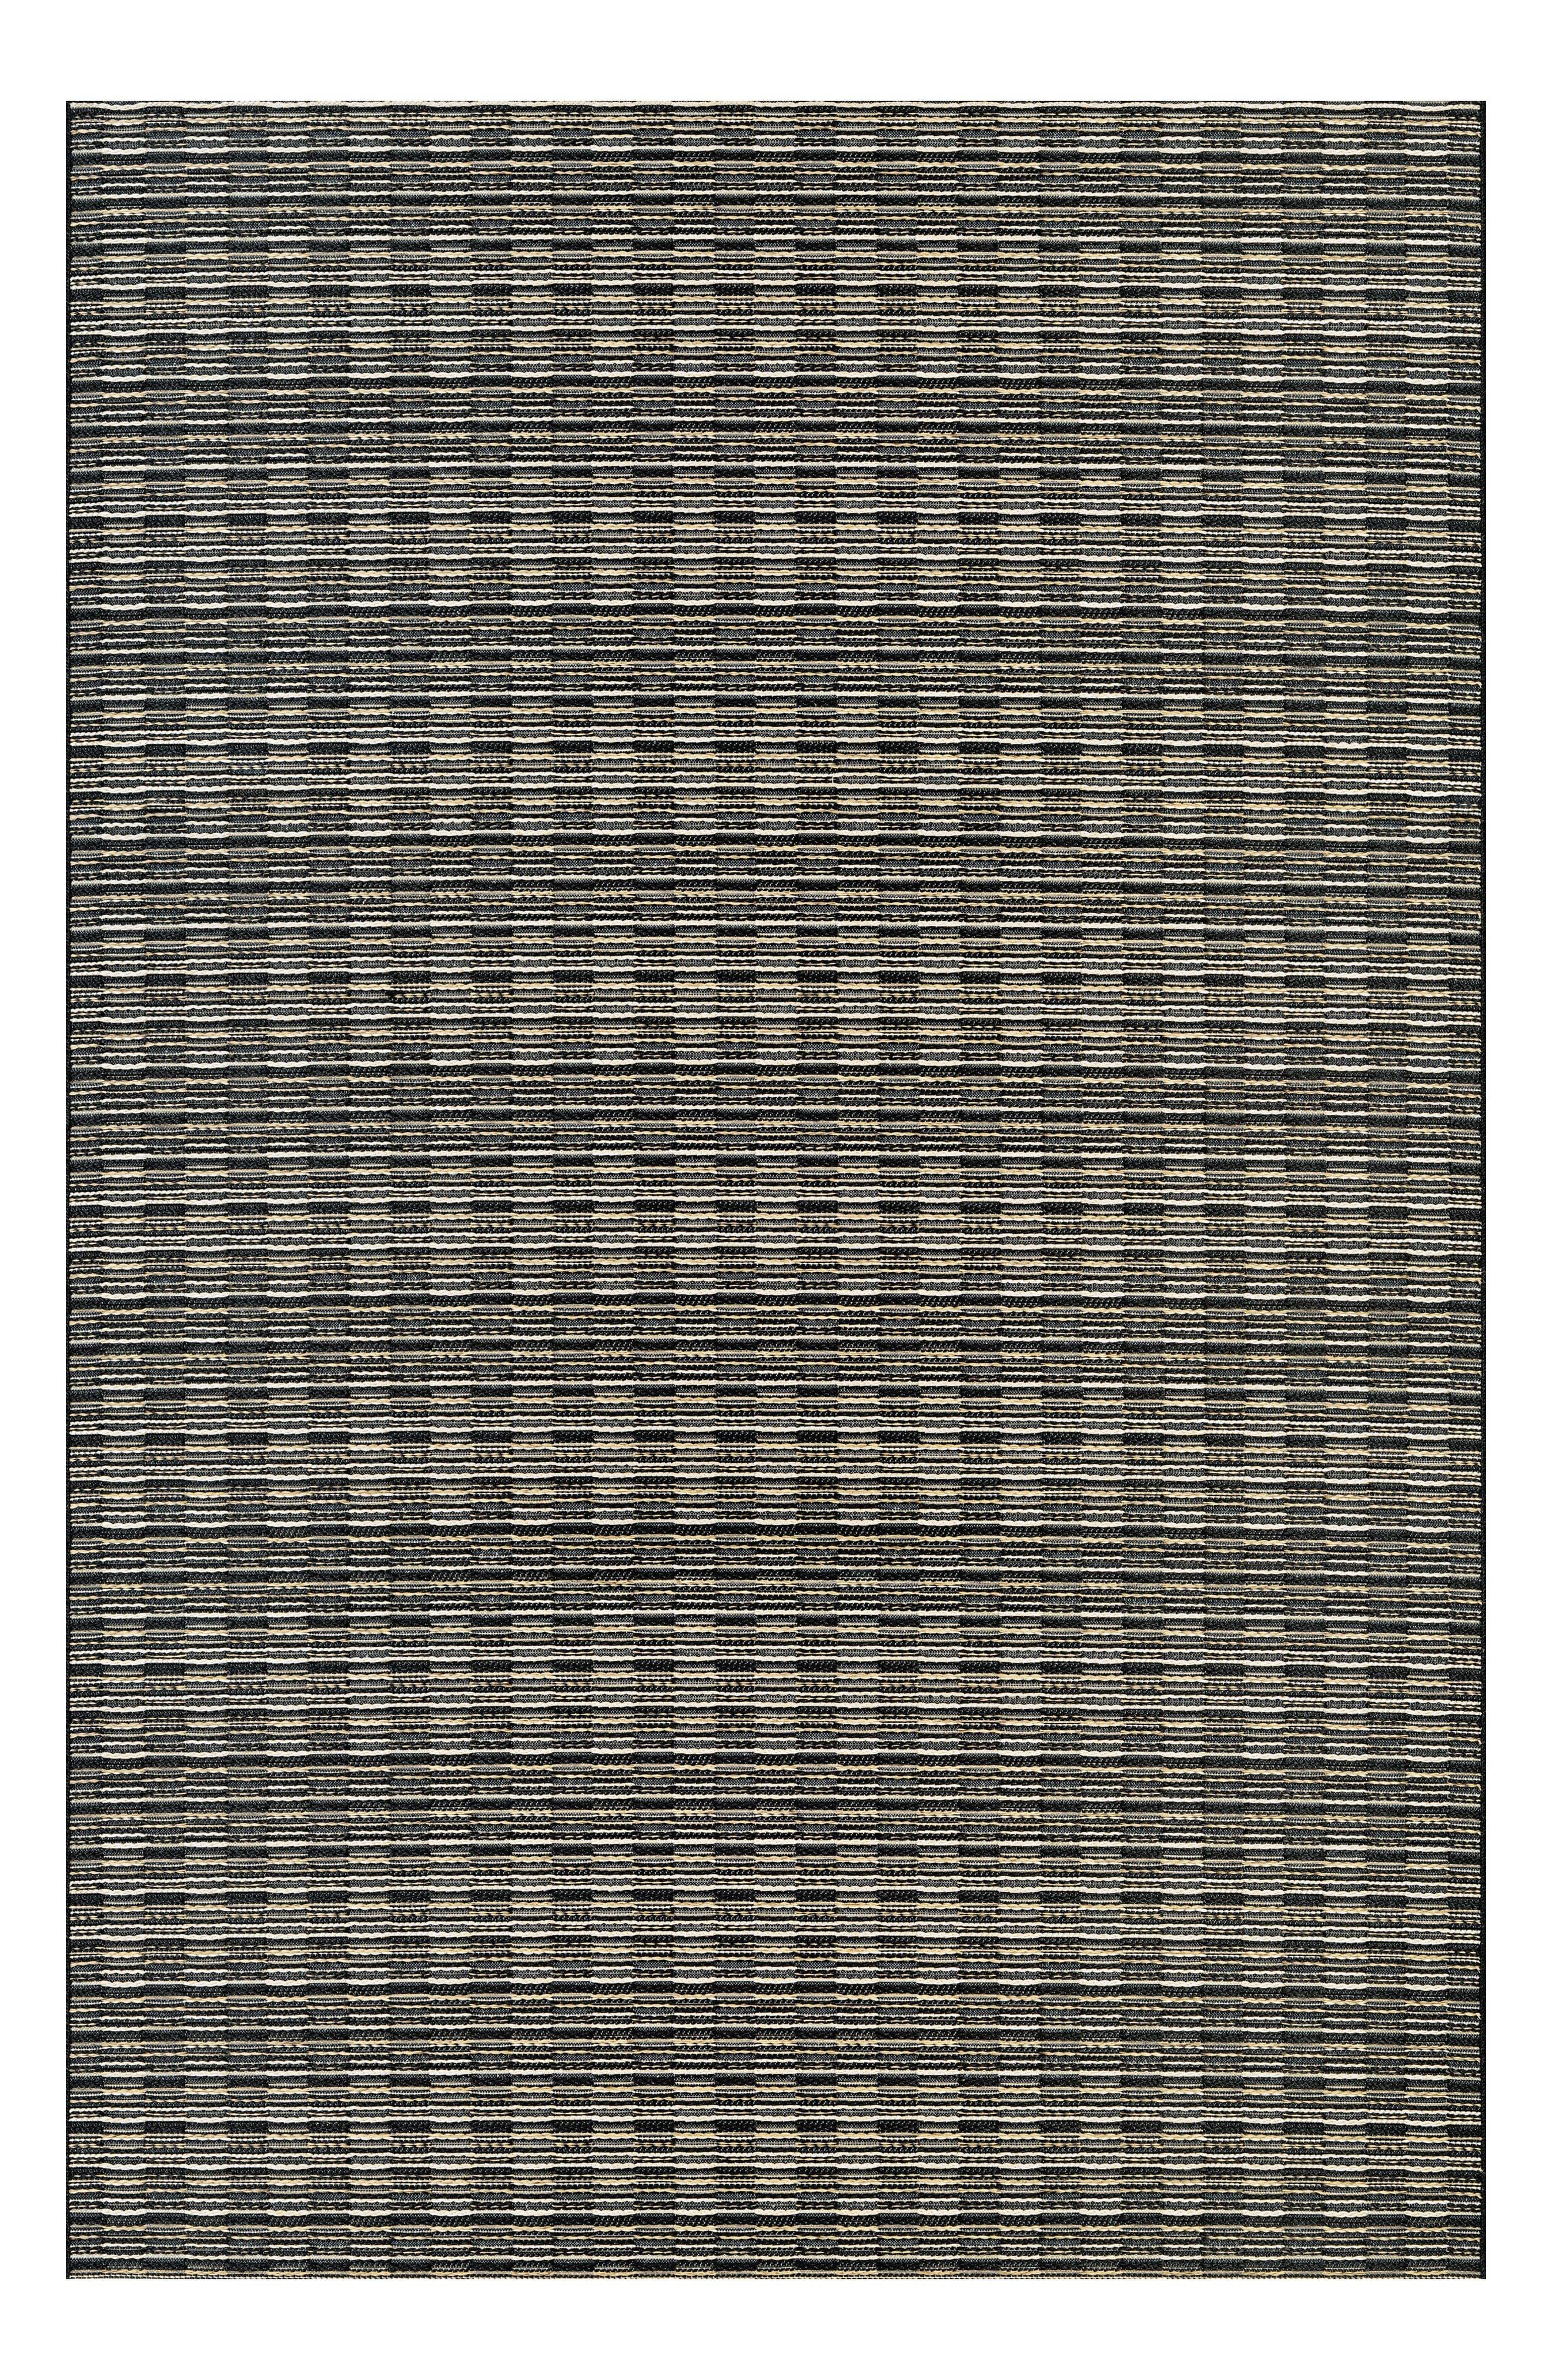 Alternate Image 1 Selected - Couristan Barnstable Indoor/Outdoor Rug